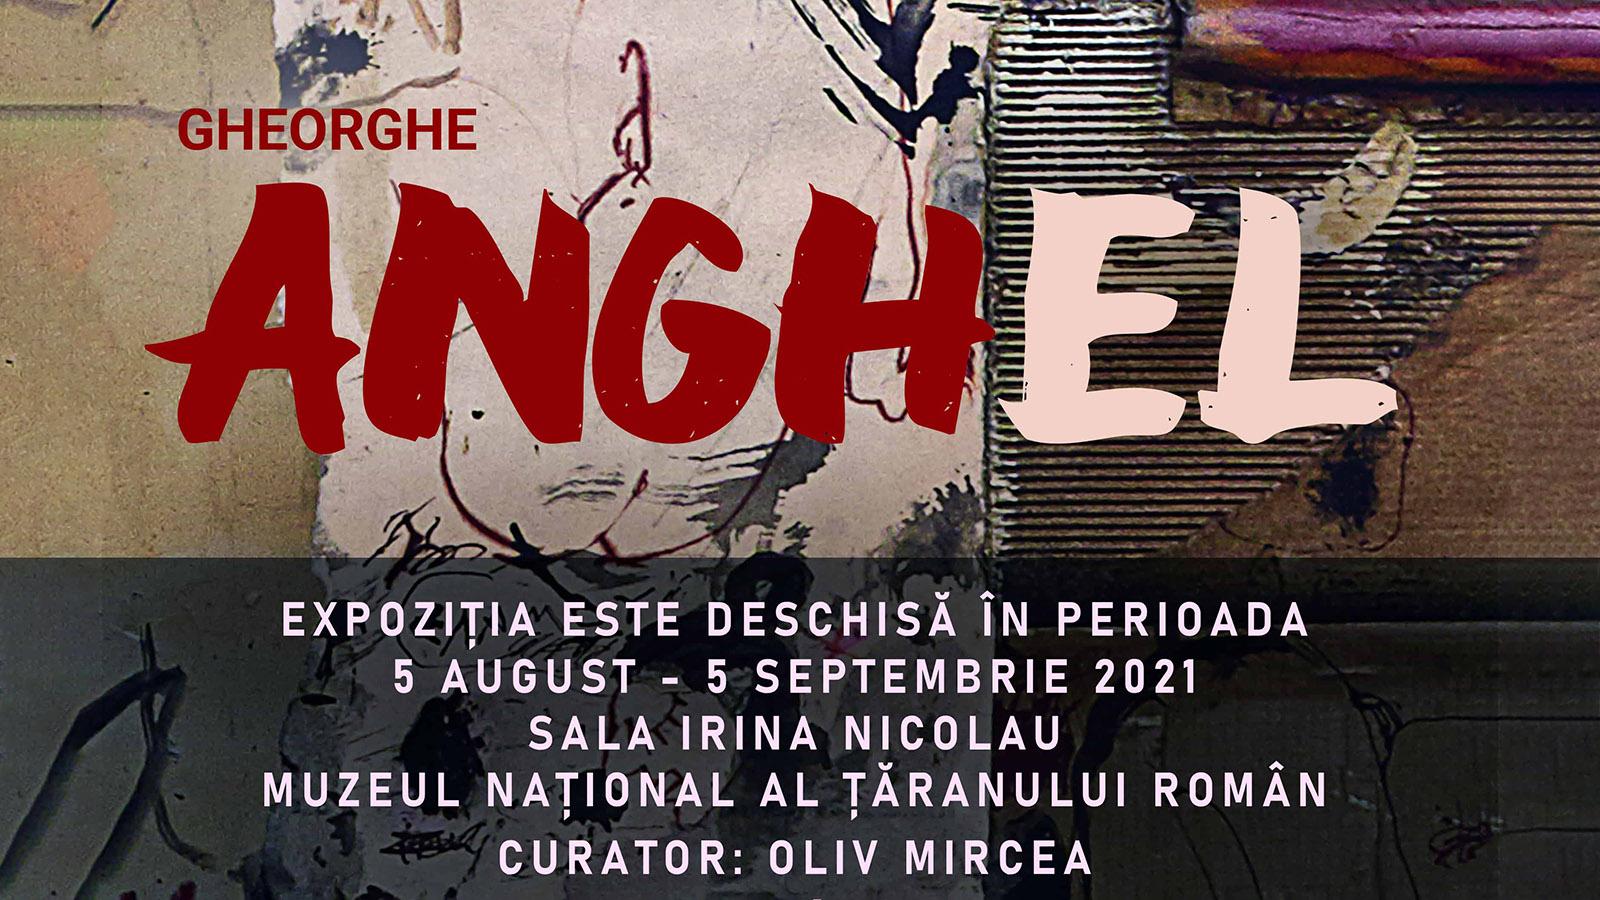 Expoziție personală de pictură Gheorghe I. Anghel